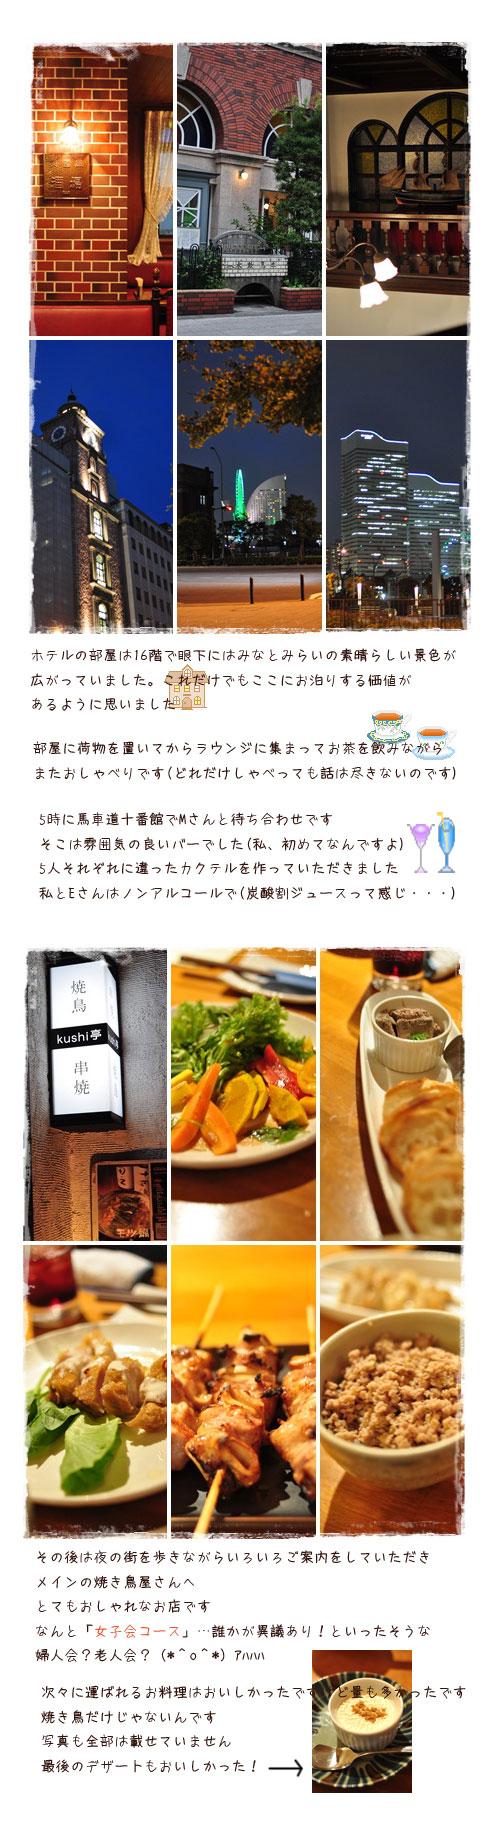 10月4日横浜2